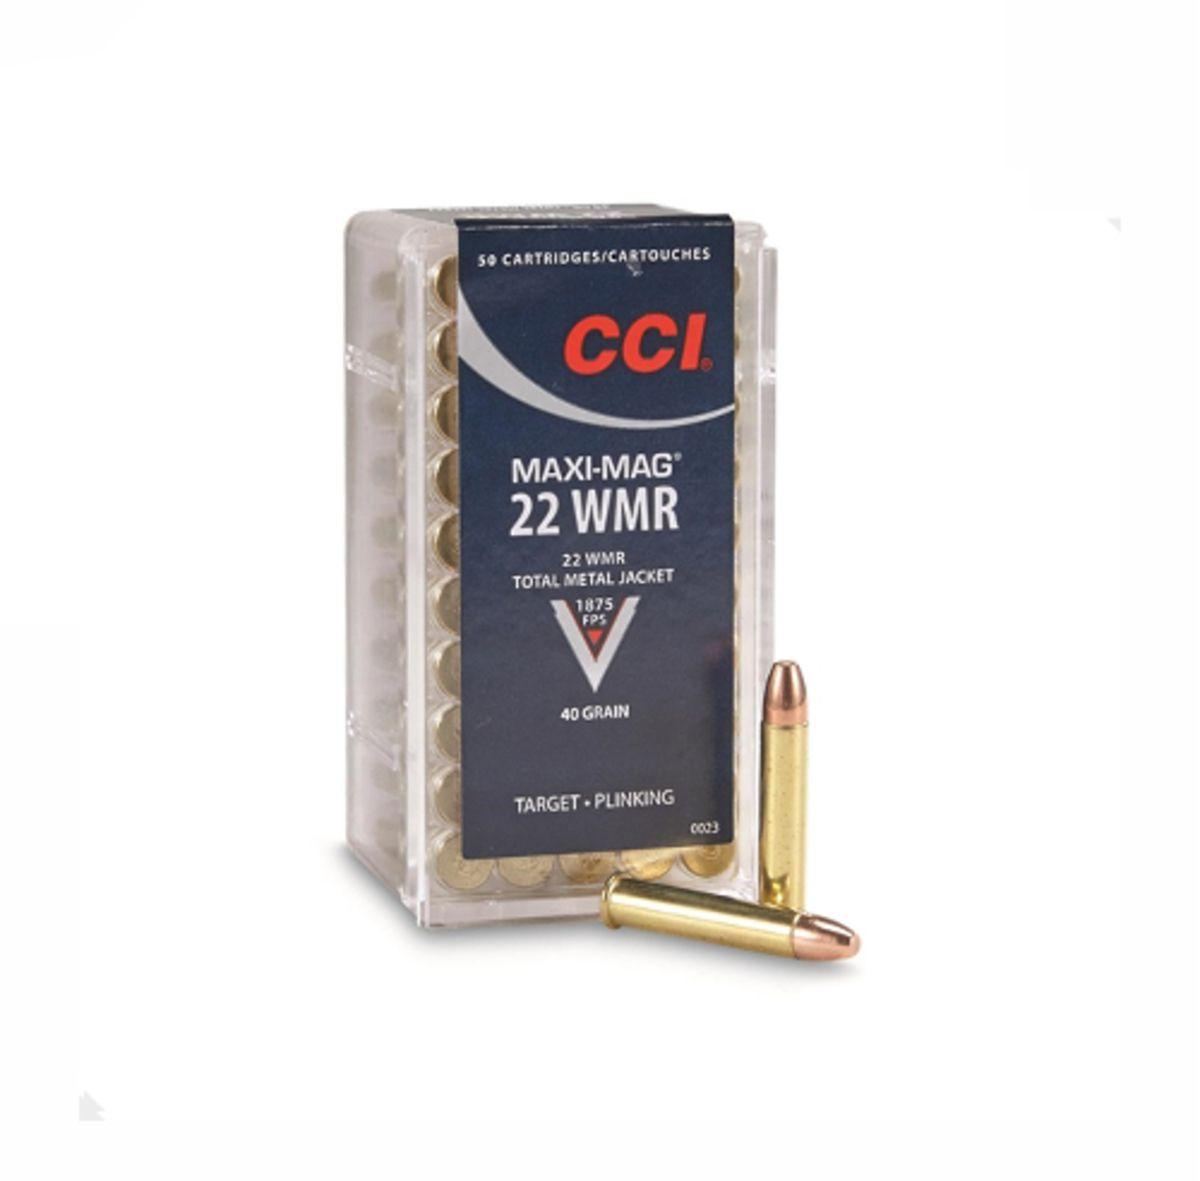 CART CCI .22 MAG MAXI MAG TMJ 40GR C